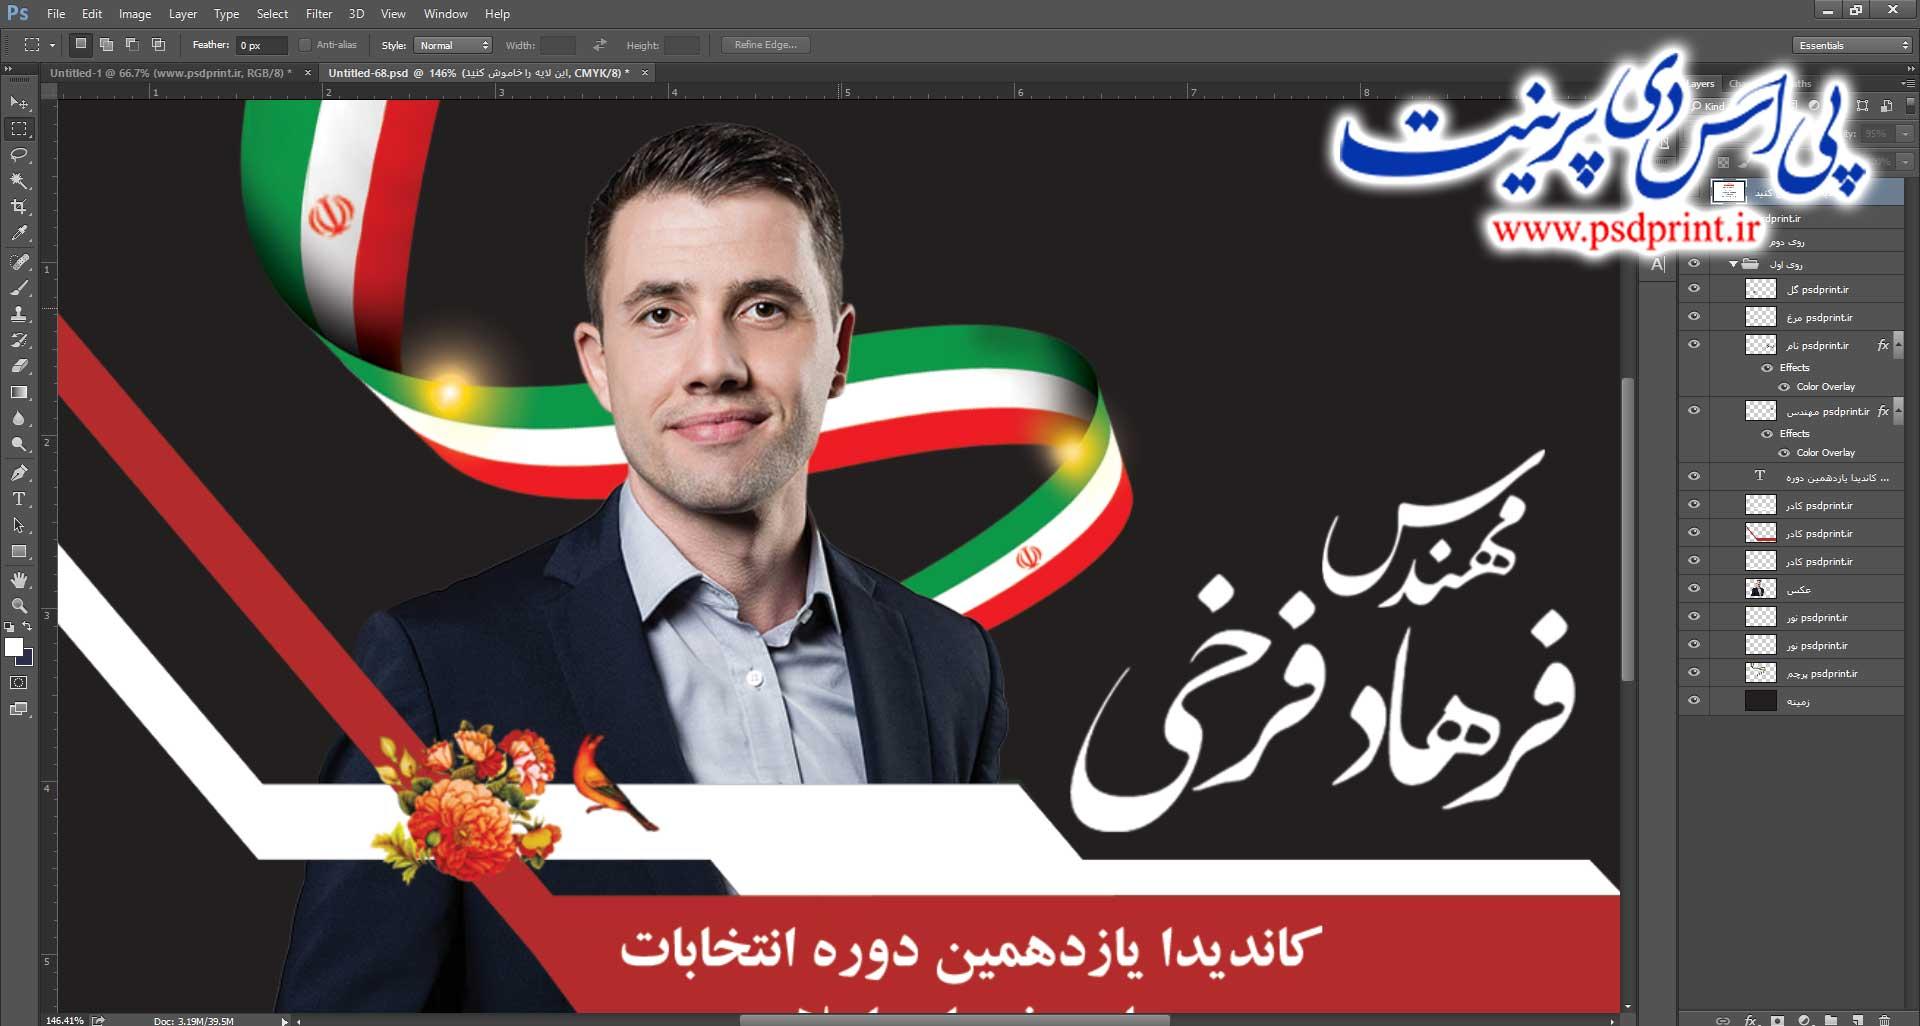 کارت ویزیت لایه باز انتخاباتی مجلس